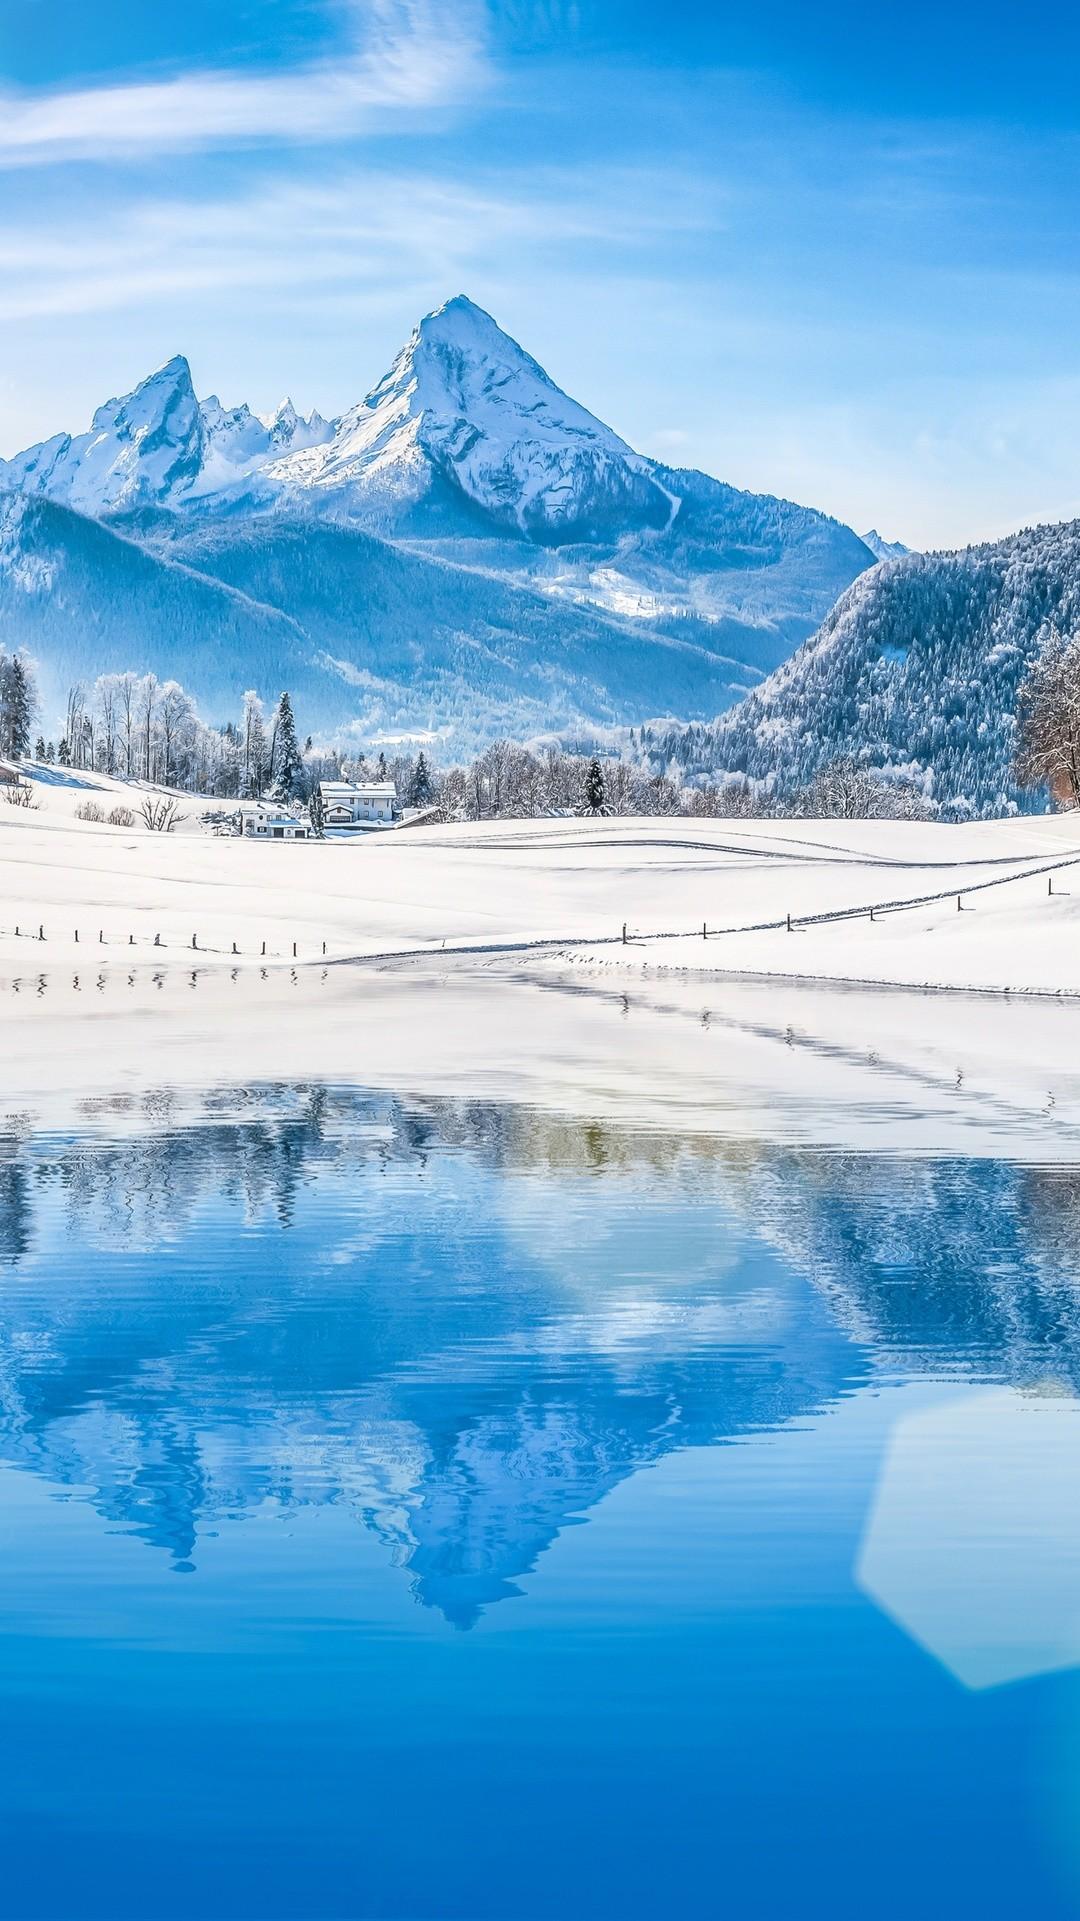 Landscape 4K Ultra HD Wallpaper | … landscape with blue lake 4K Ultra HD